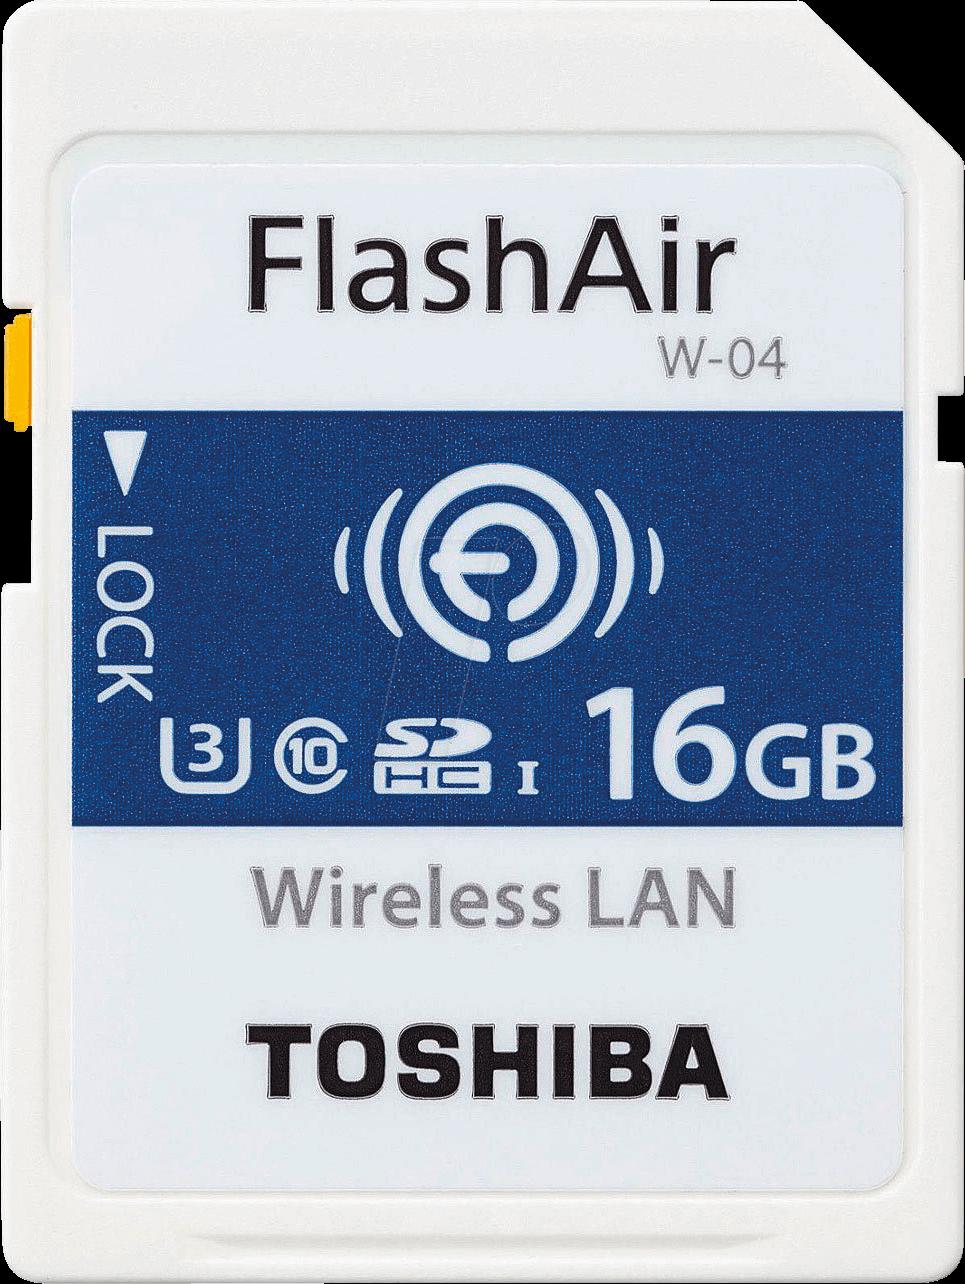 https://cdn-reichelt.de/bilder/web/xxl_ws/E910/TOSHIBA_FLASH-AIR_W-04_16_01.png